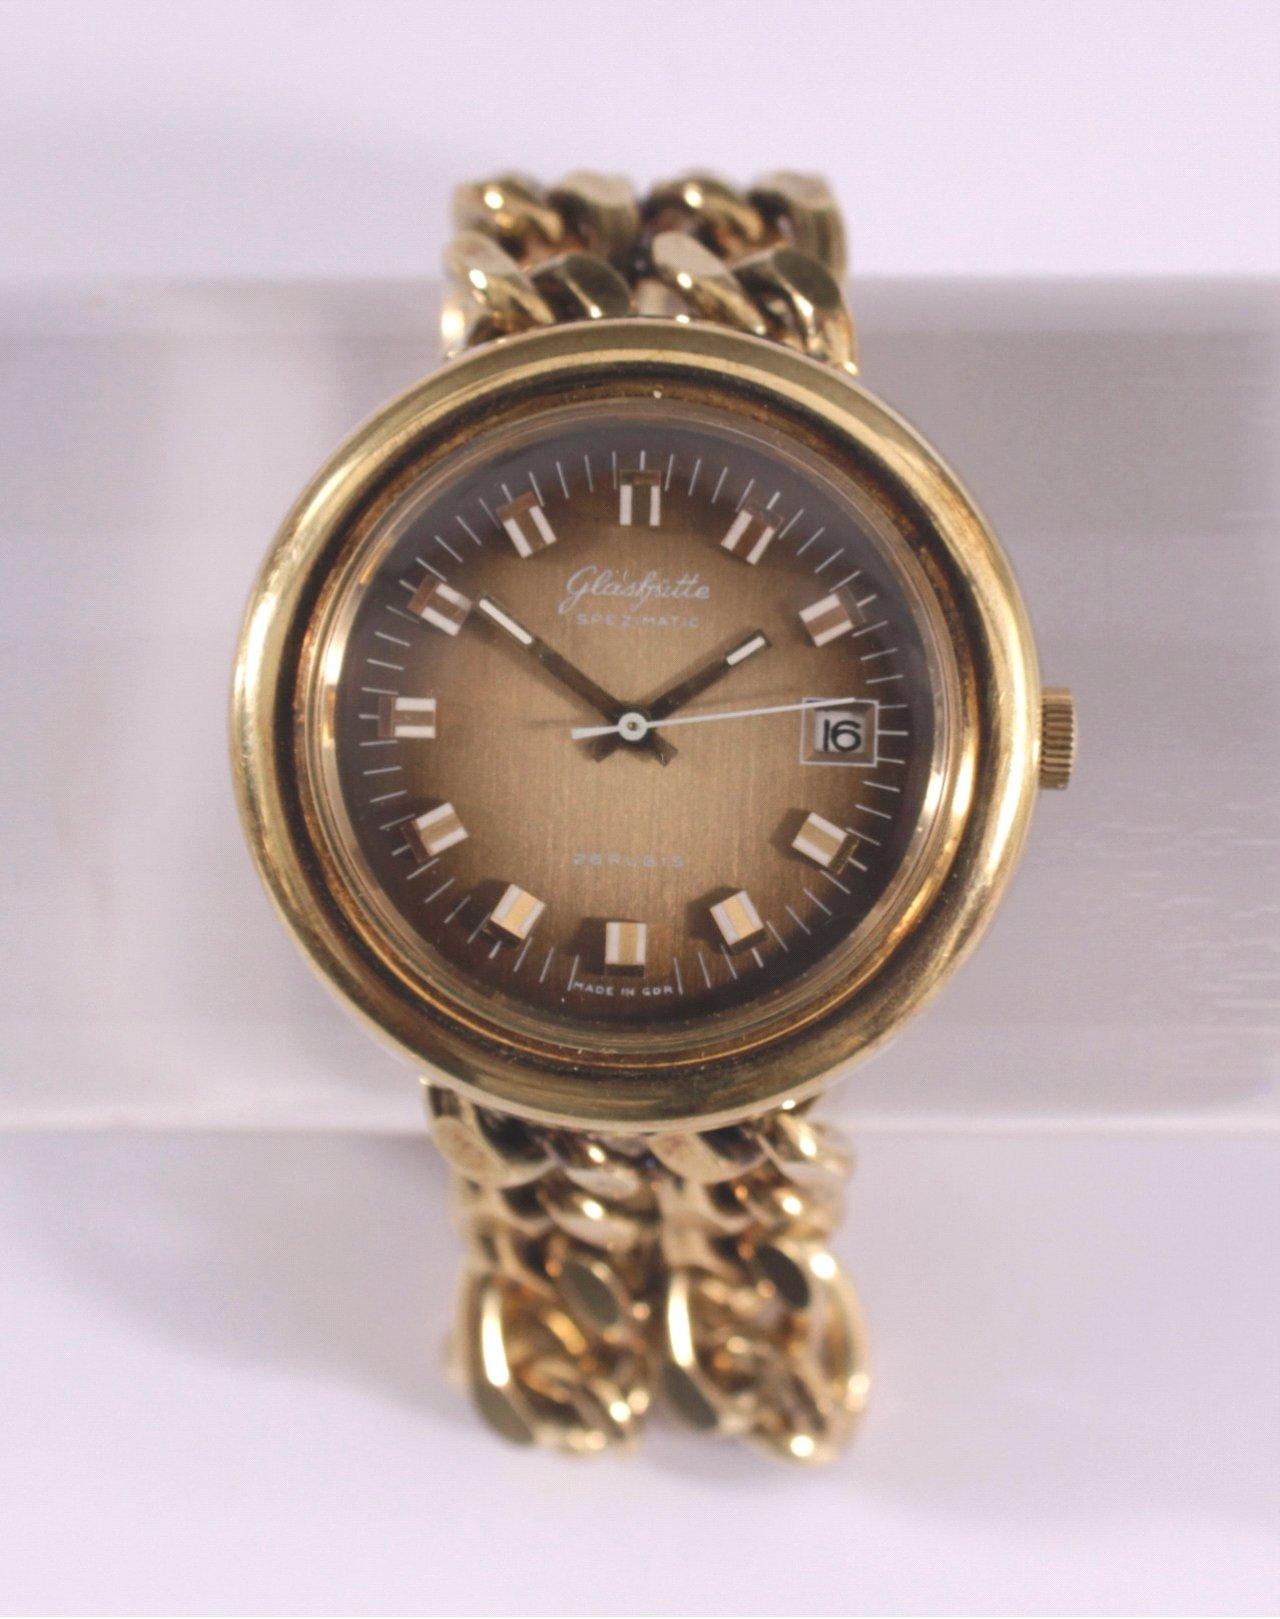 Glashütte Armbanduhr aus den 70er Jahren, Vintage-1